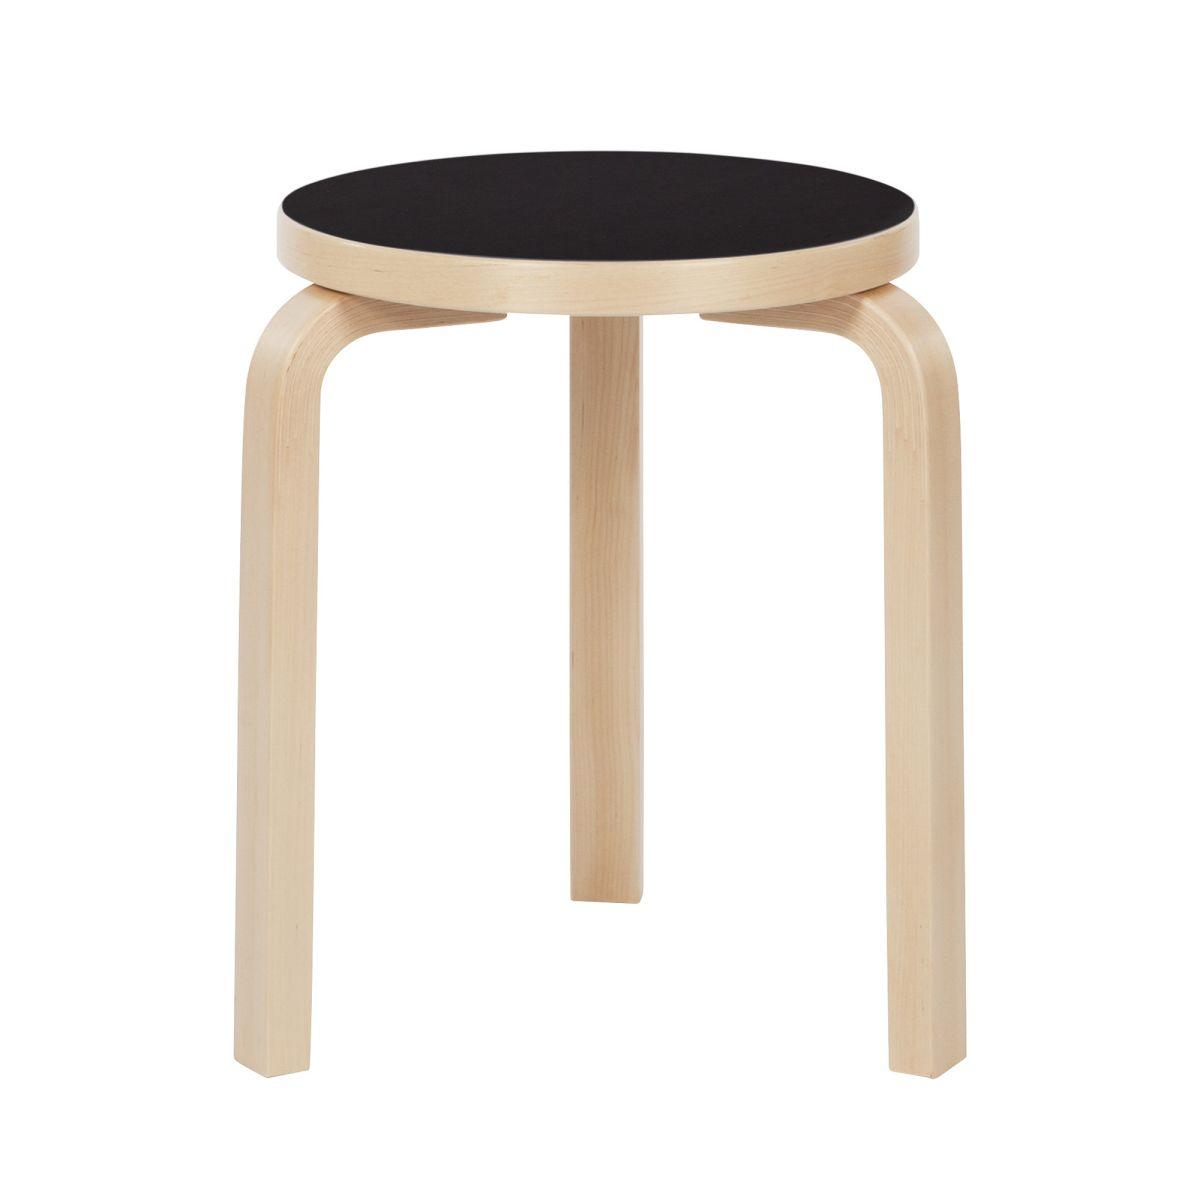 Sensational Artek Stool 60 Beatyapartments Chair Design Images Beatyapartmentscom